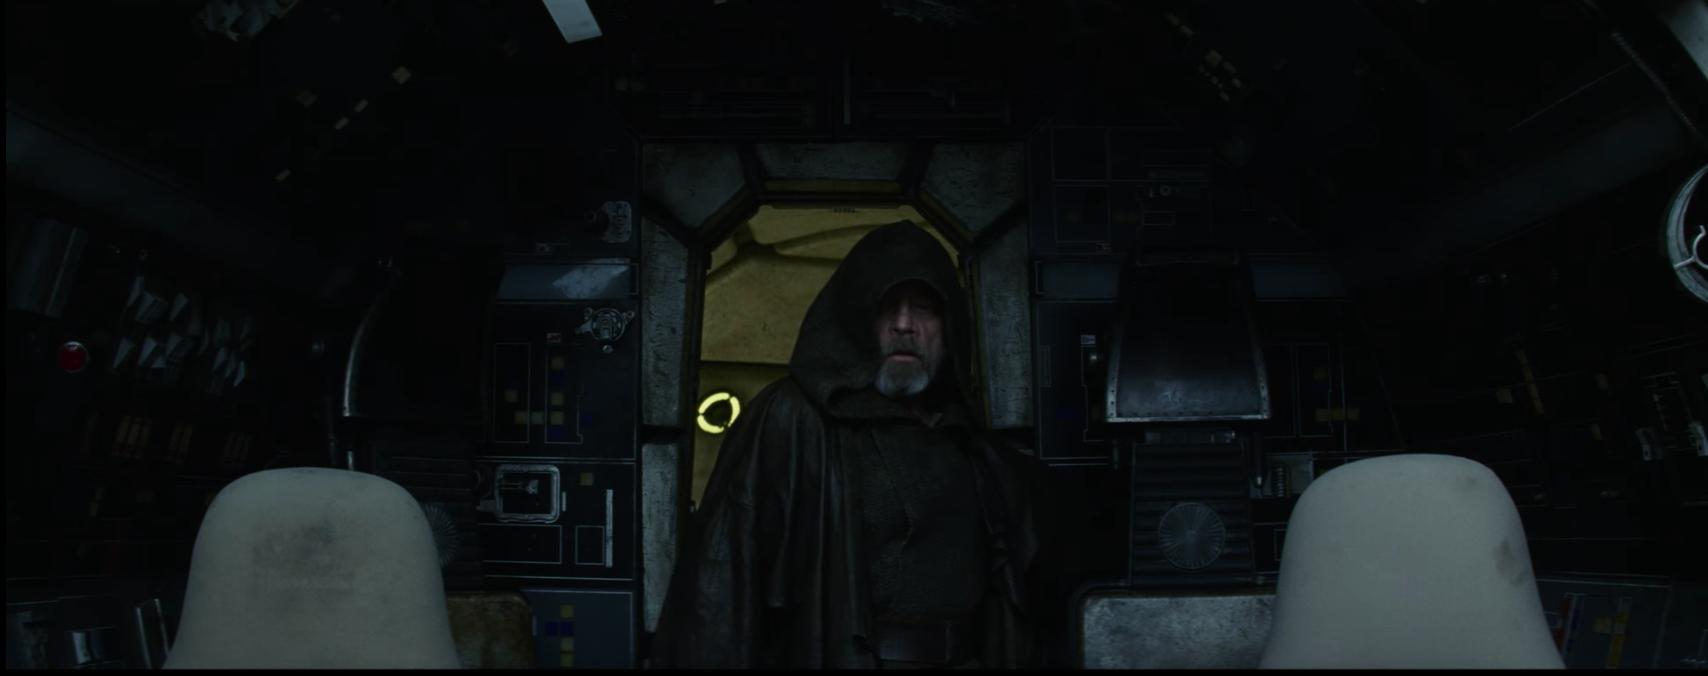 Luke And The Millennium Falcon Reunite In New Last Jedi